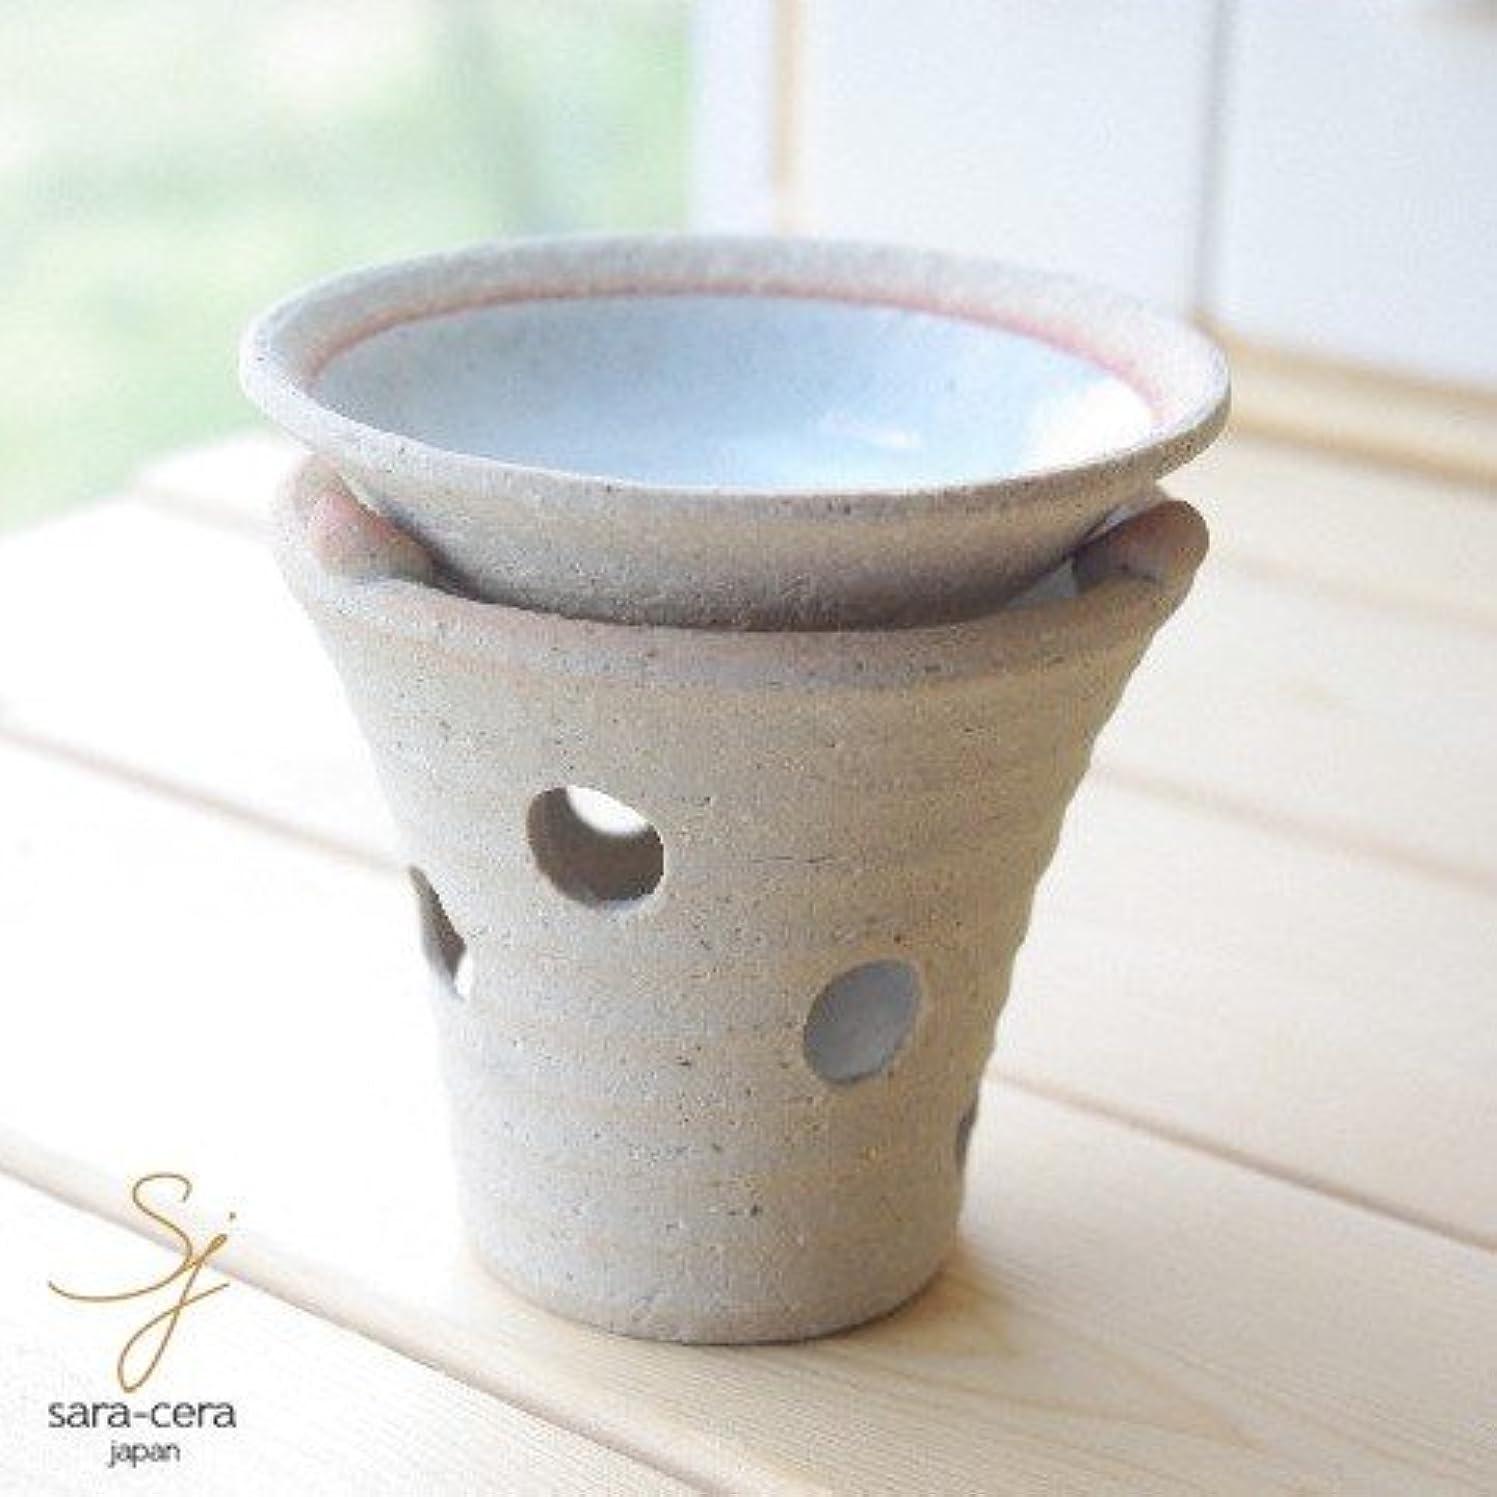 決して住所石油松助窯 手作り茶香炉セット 白釉 ホワイト アロマ 和食器 リビング